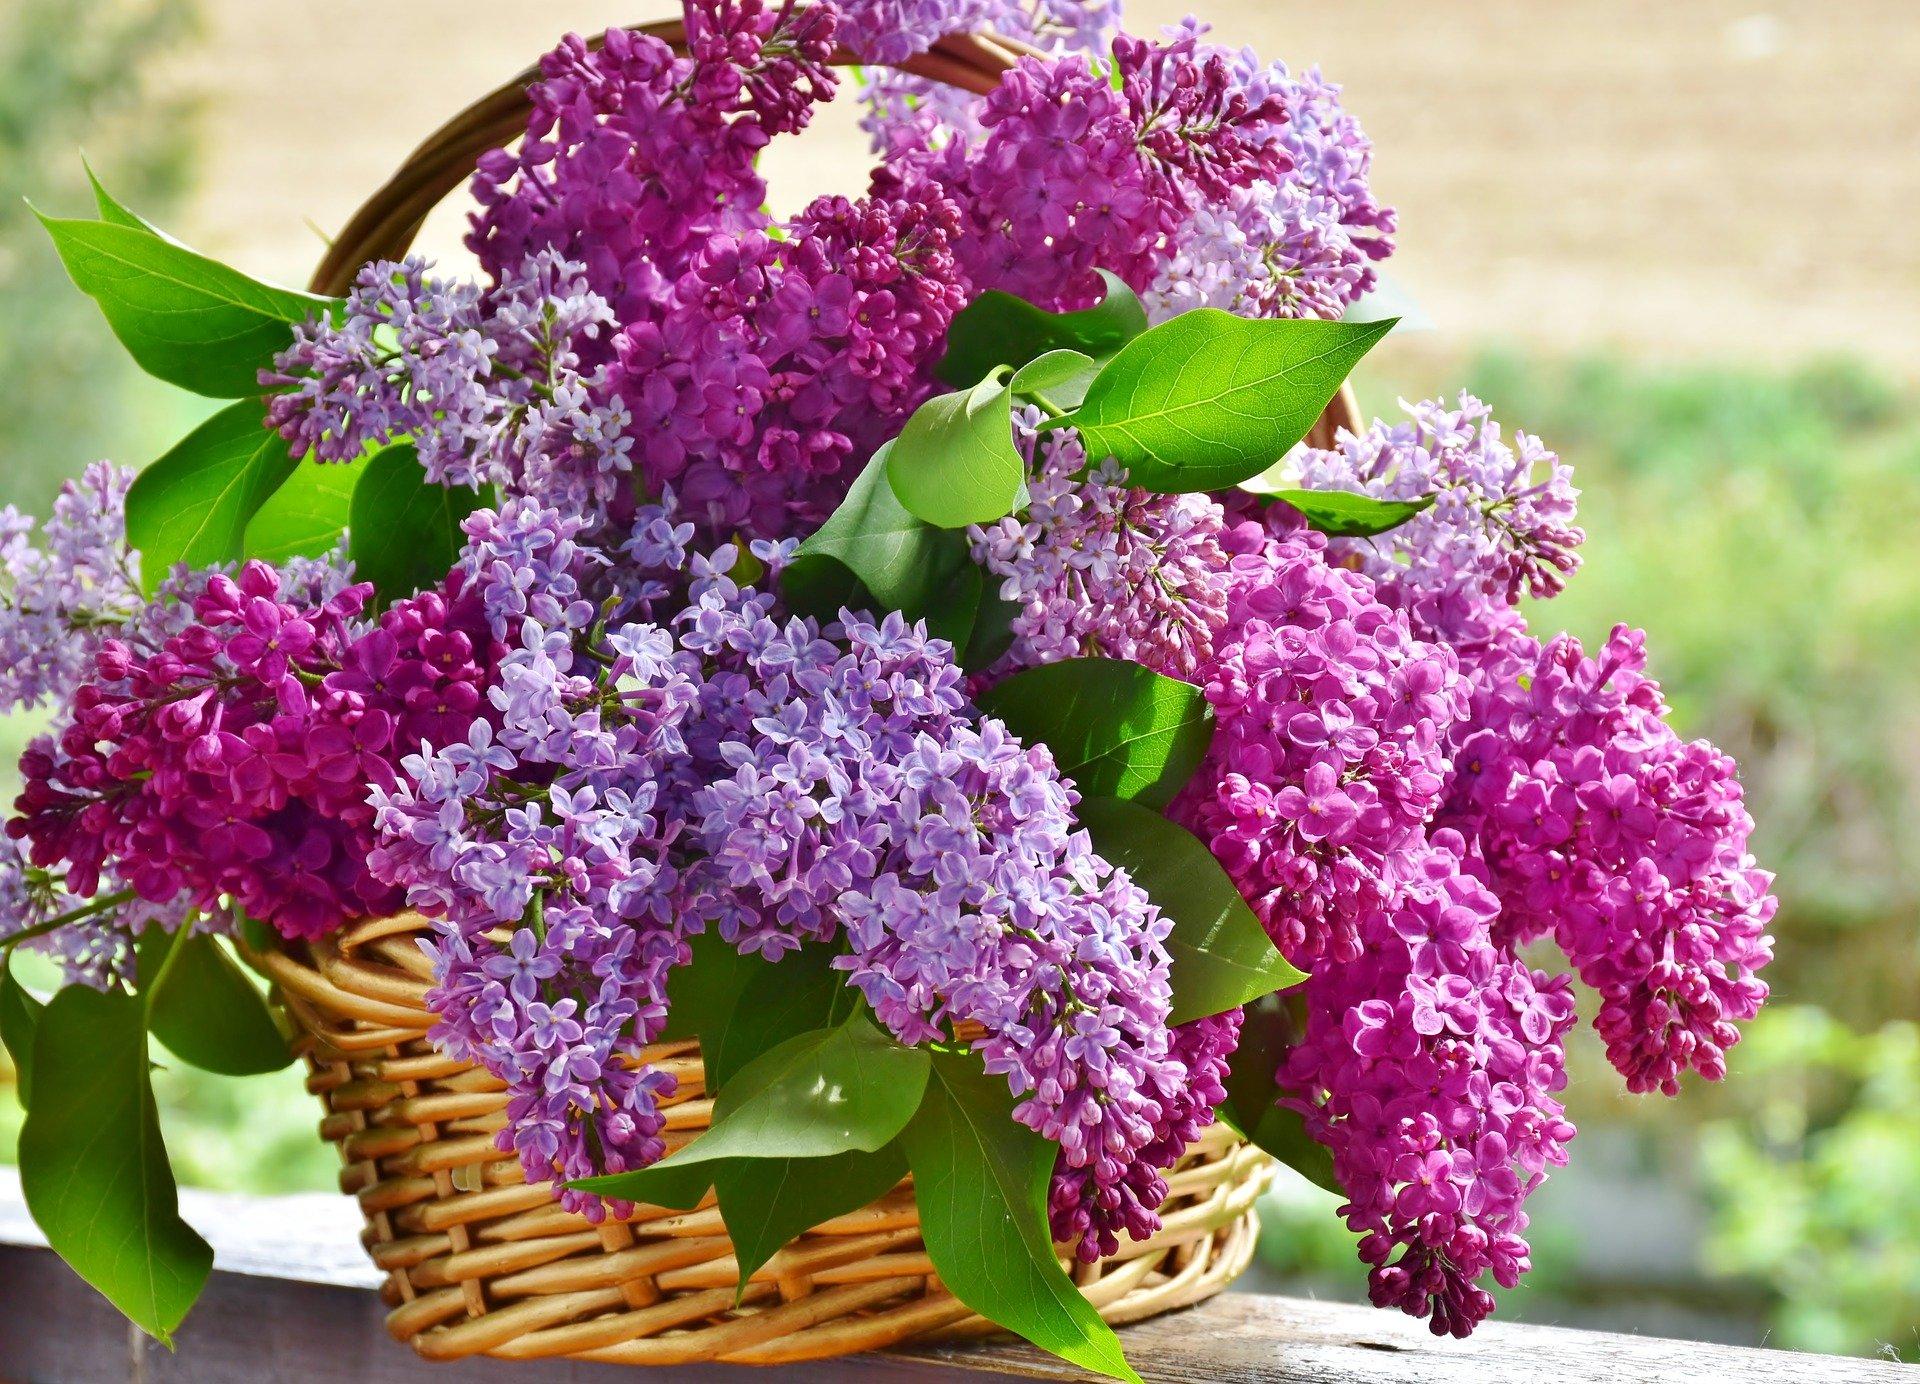 紫色の花のバケット